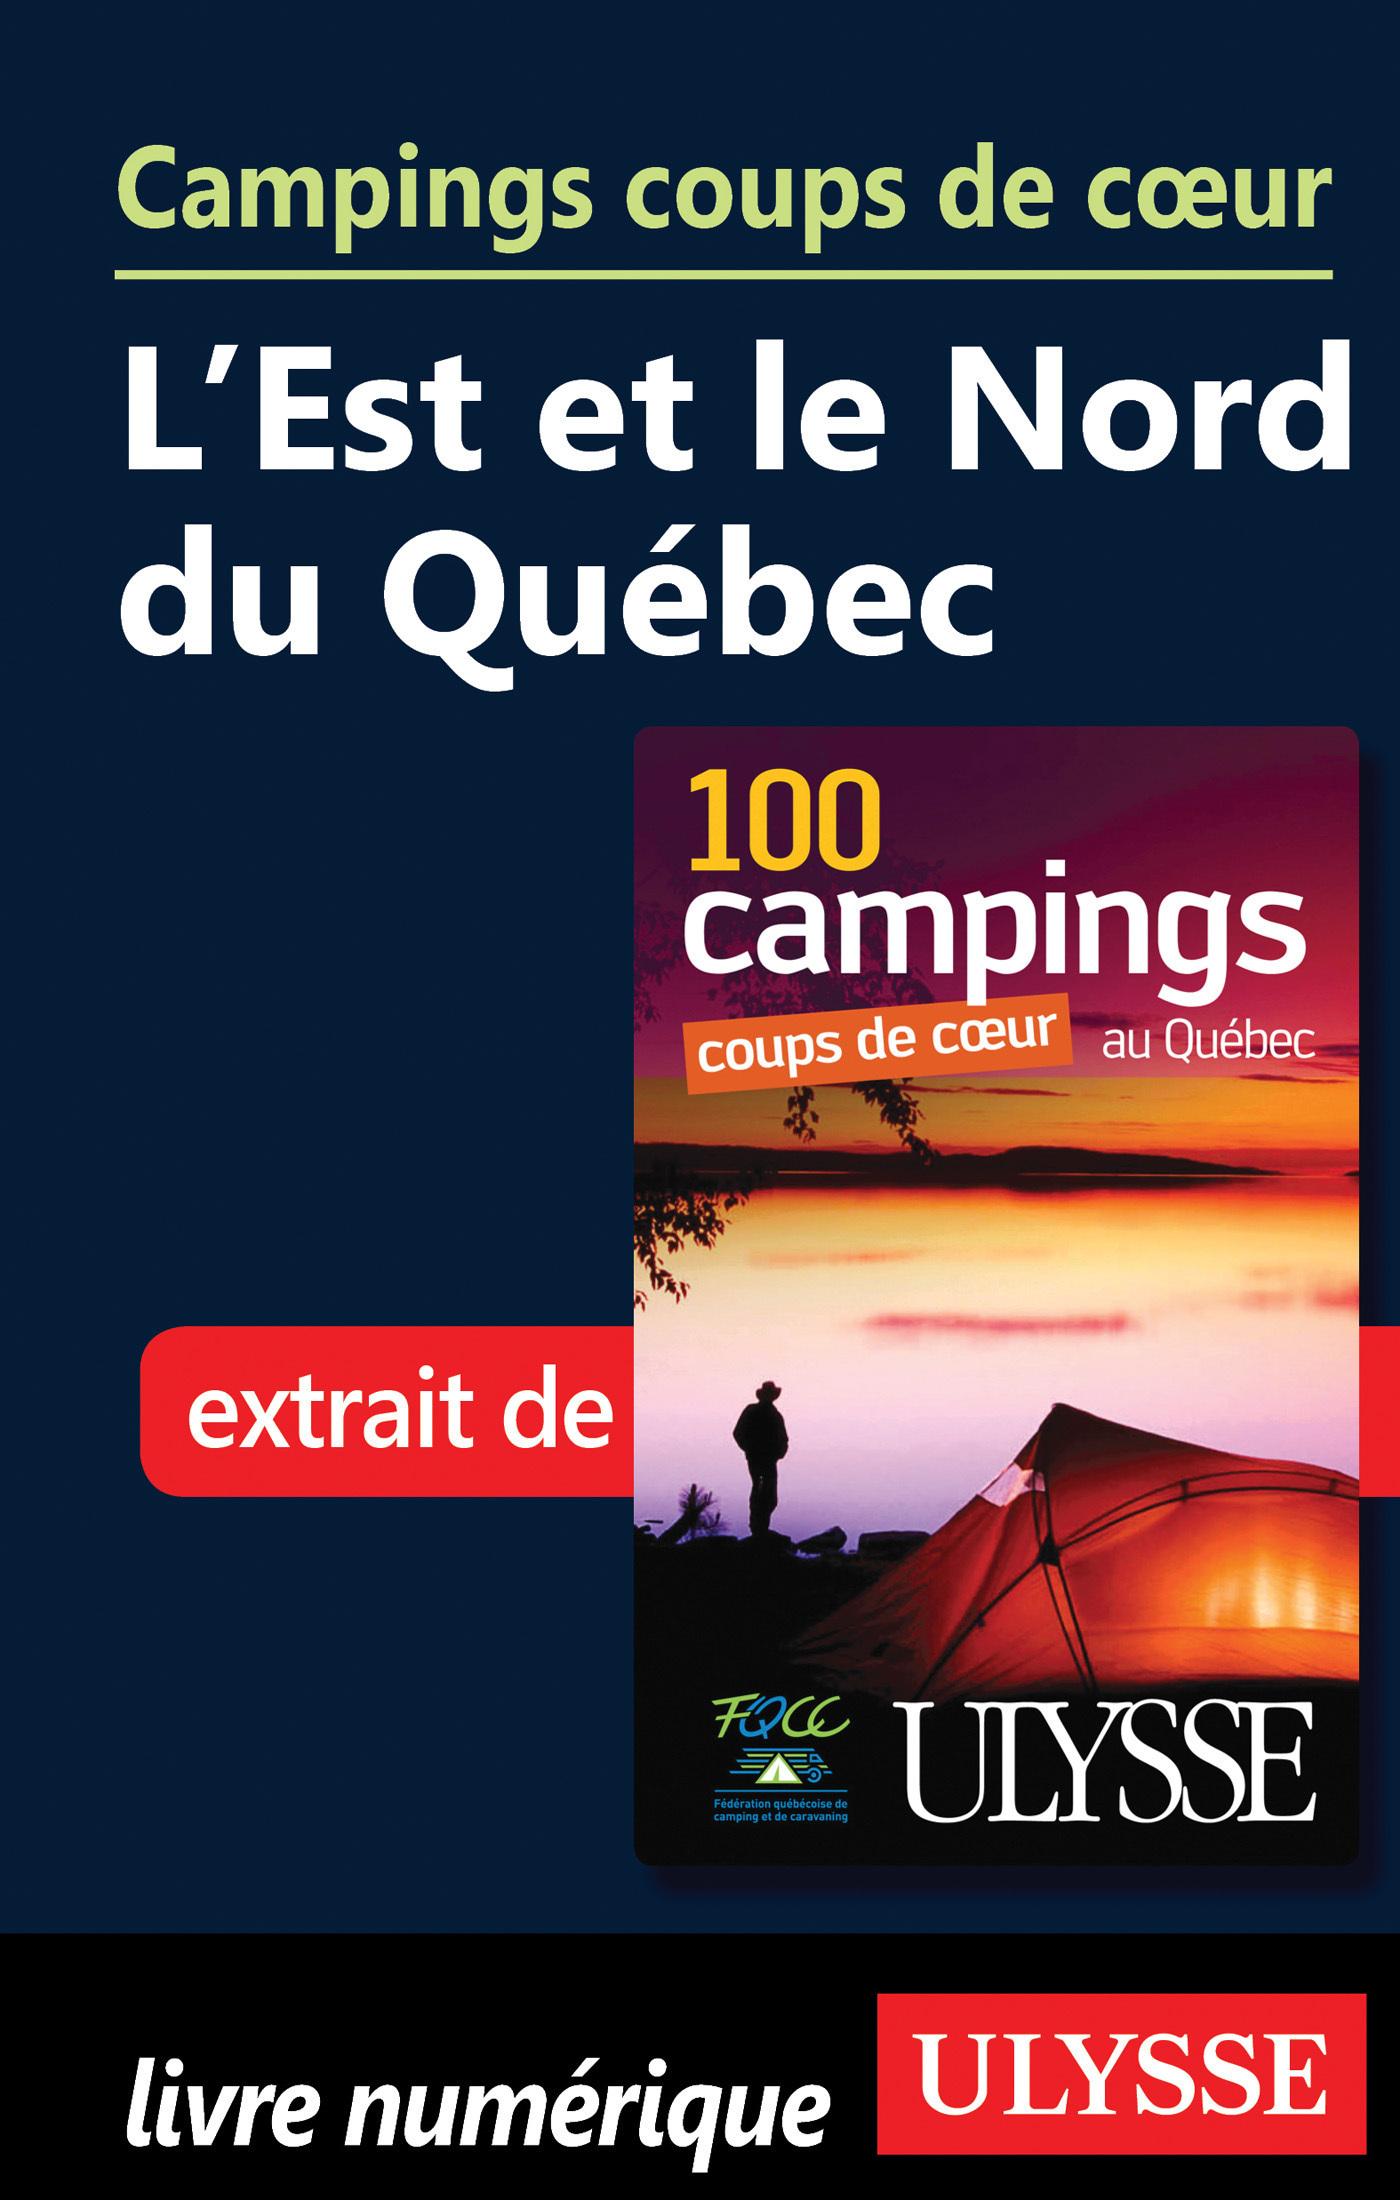 Campings coups coeur - l'Est et le Nord du Québec